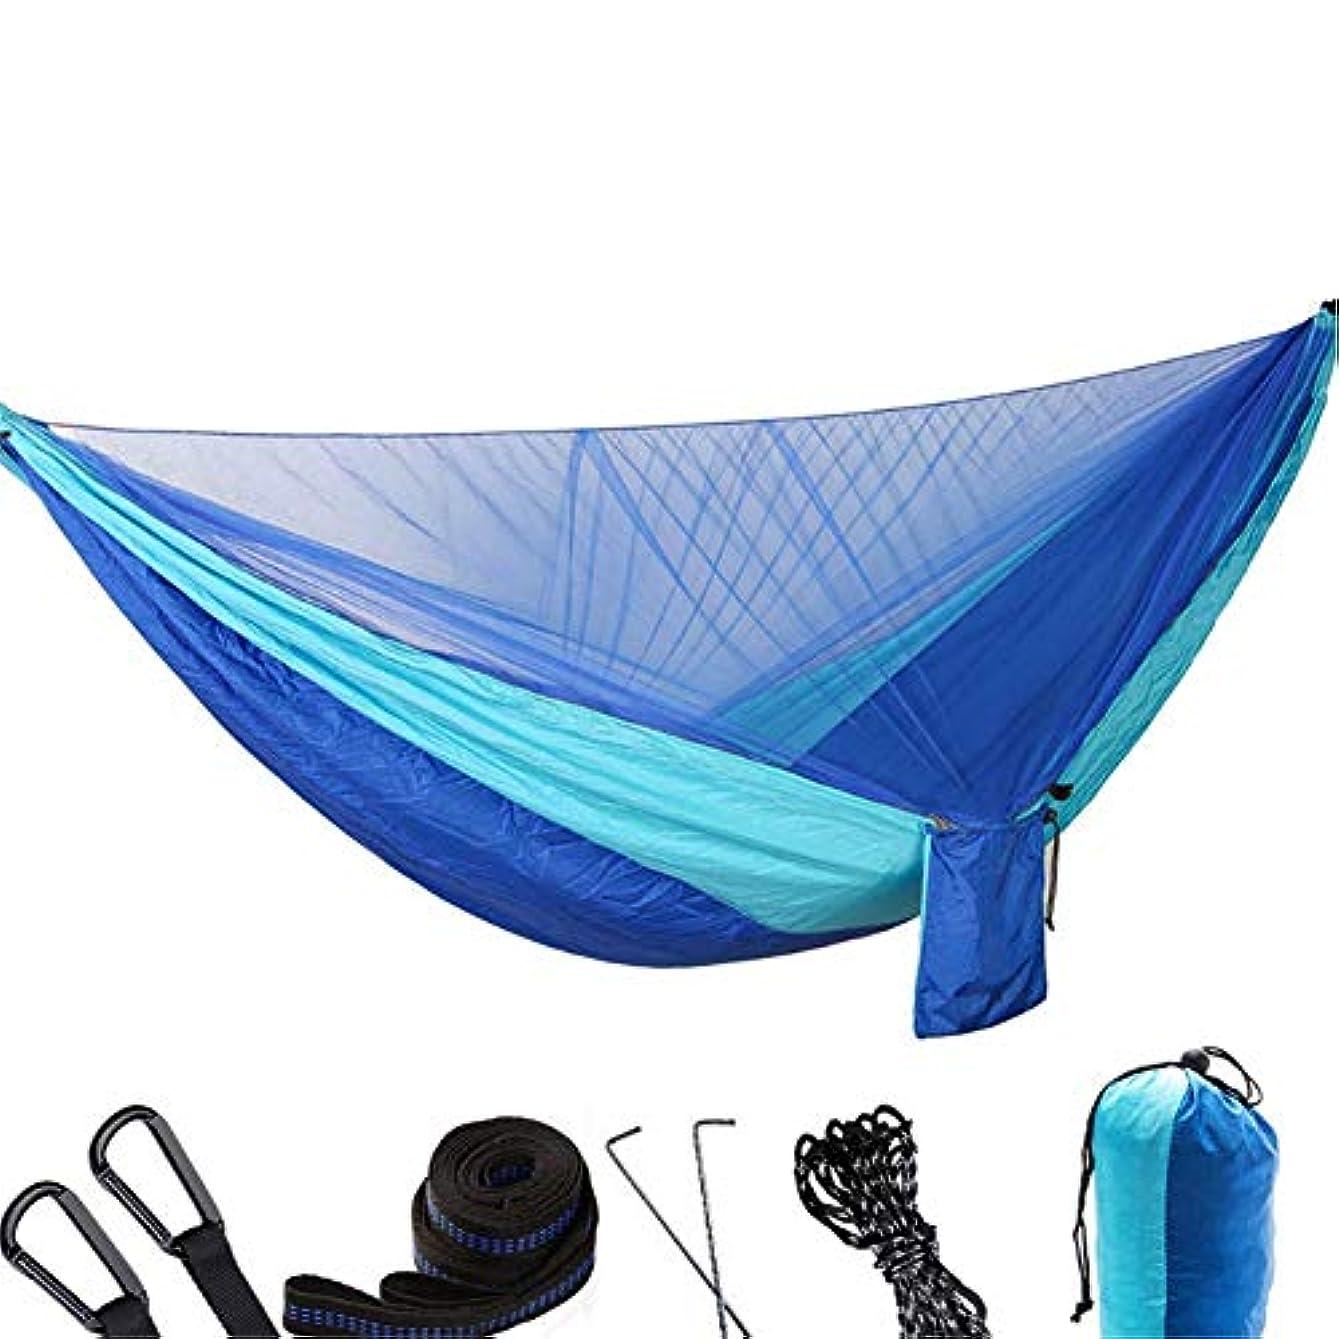 ロータリープロット穿孔する蚊帳高強度パラシュート生地ハンギングベッド狩猟睡眠スイングでポータブル屋外キャンプのハンモック